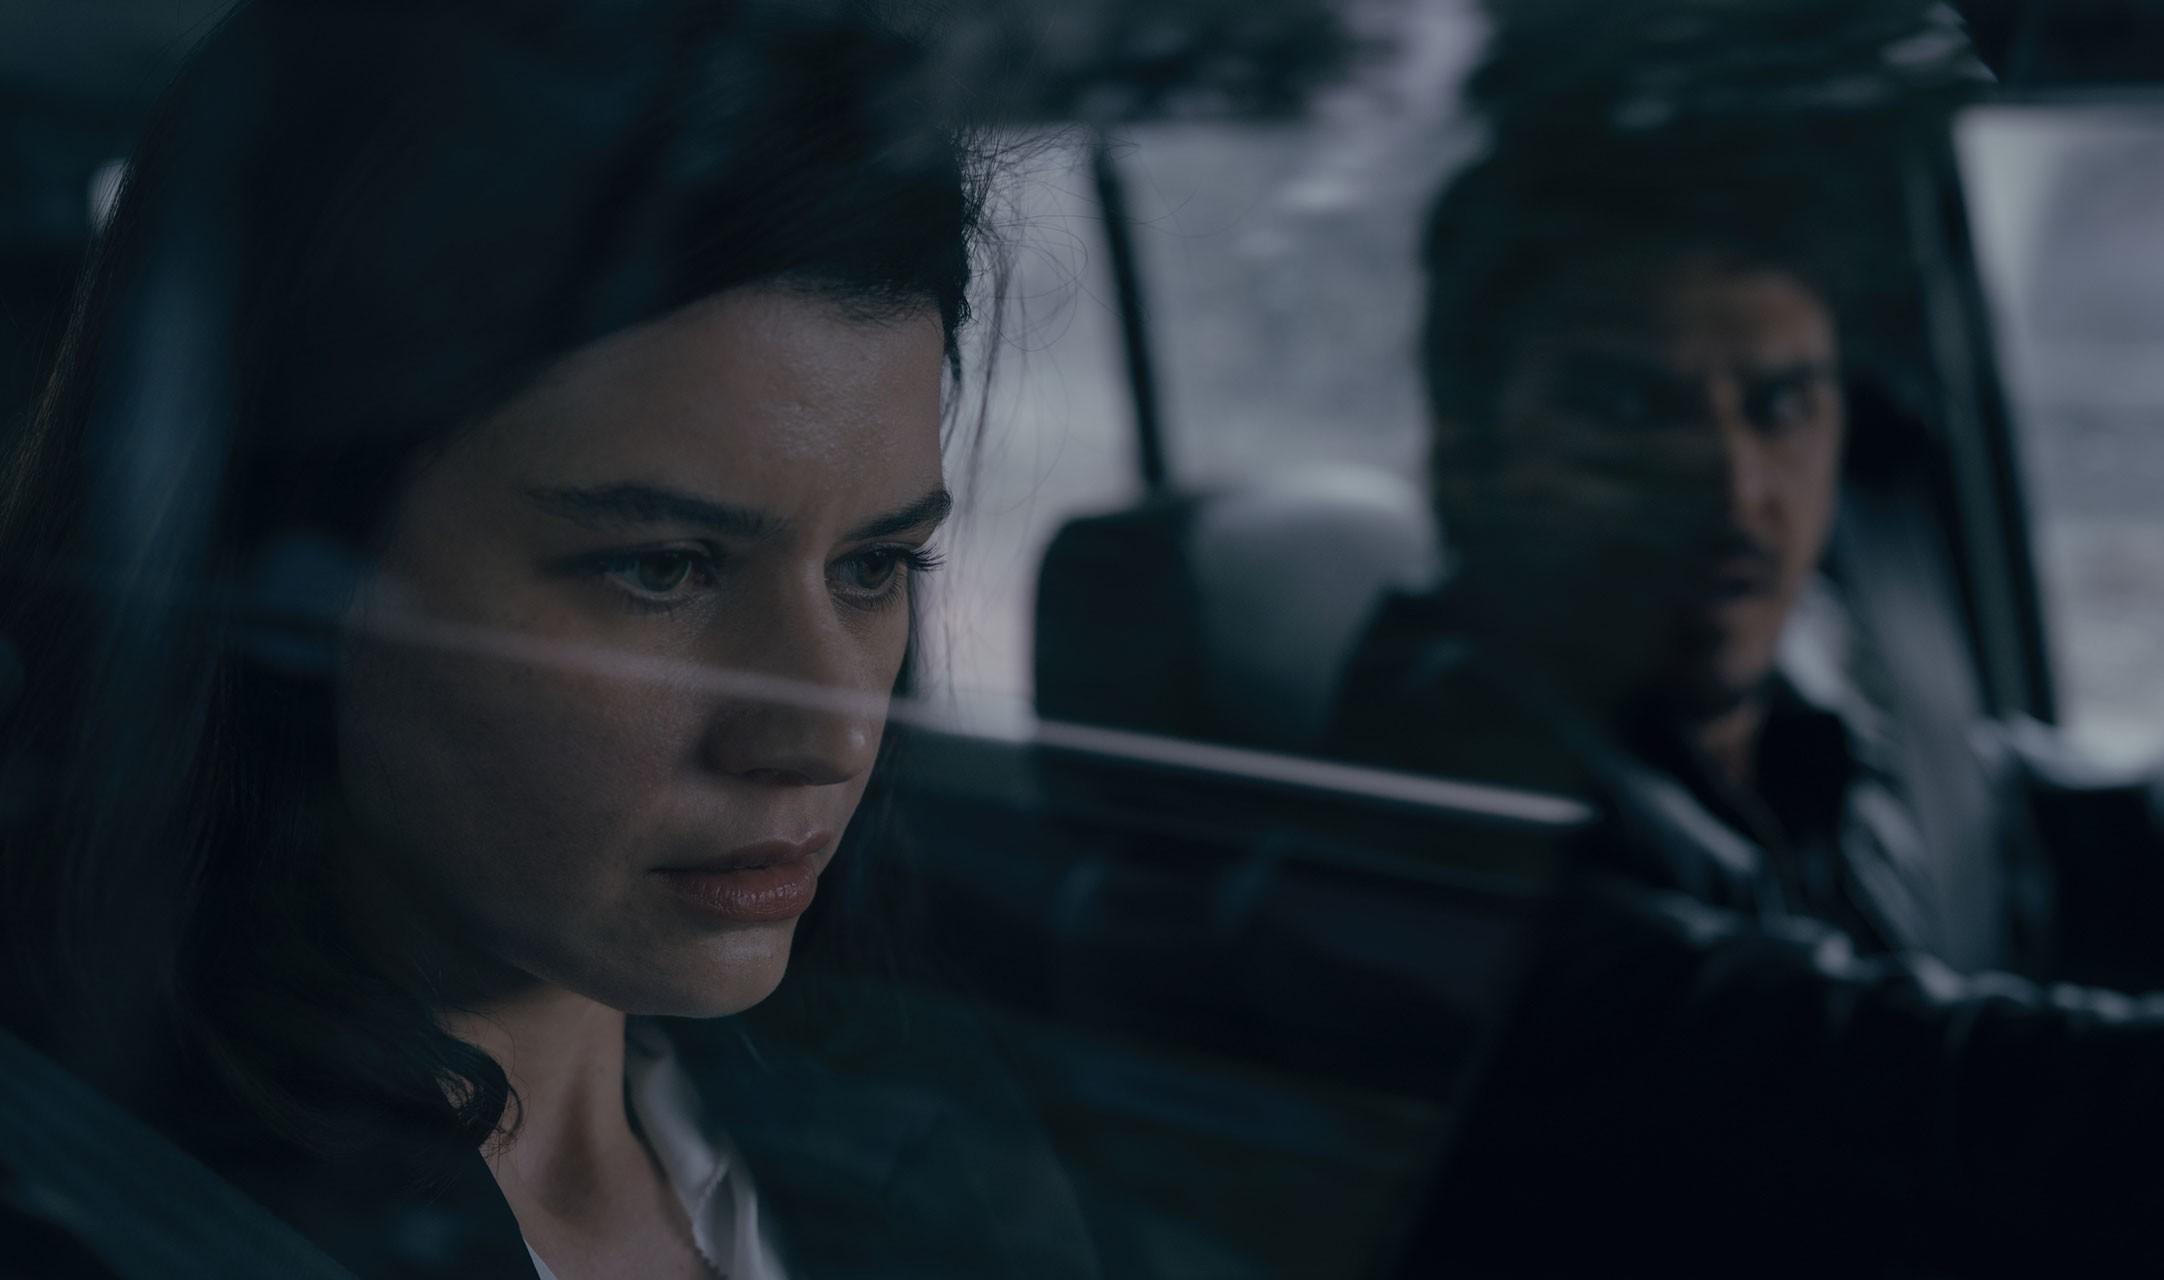 Atiye dizisinden Beren Saat ve Mehmet Günsür'ün yer aldığı bir kare.